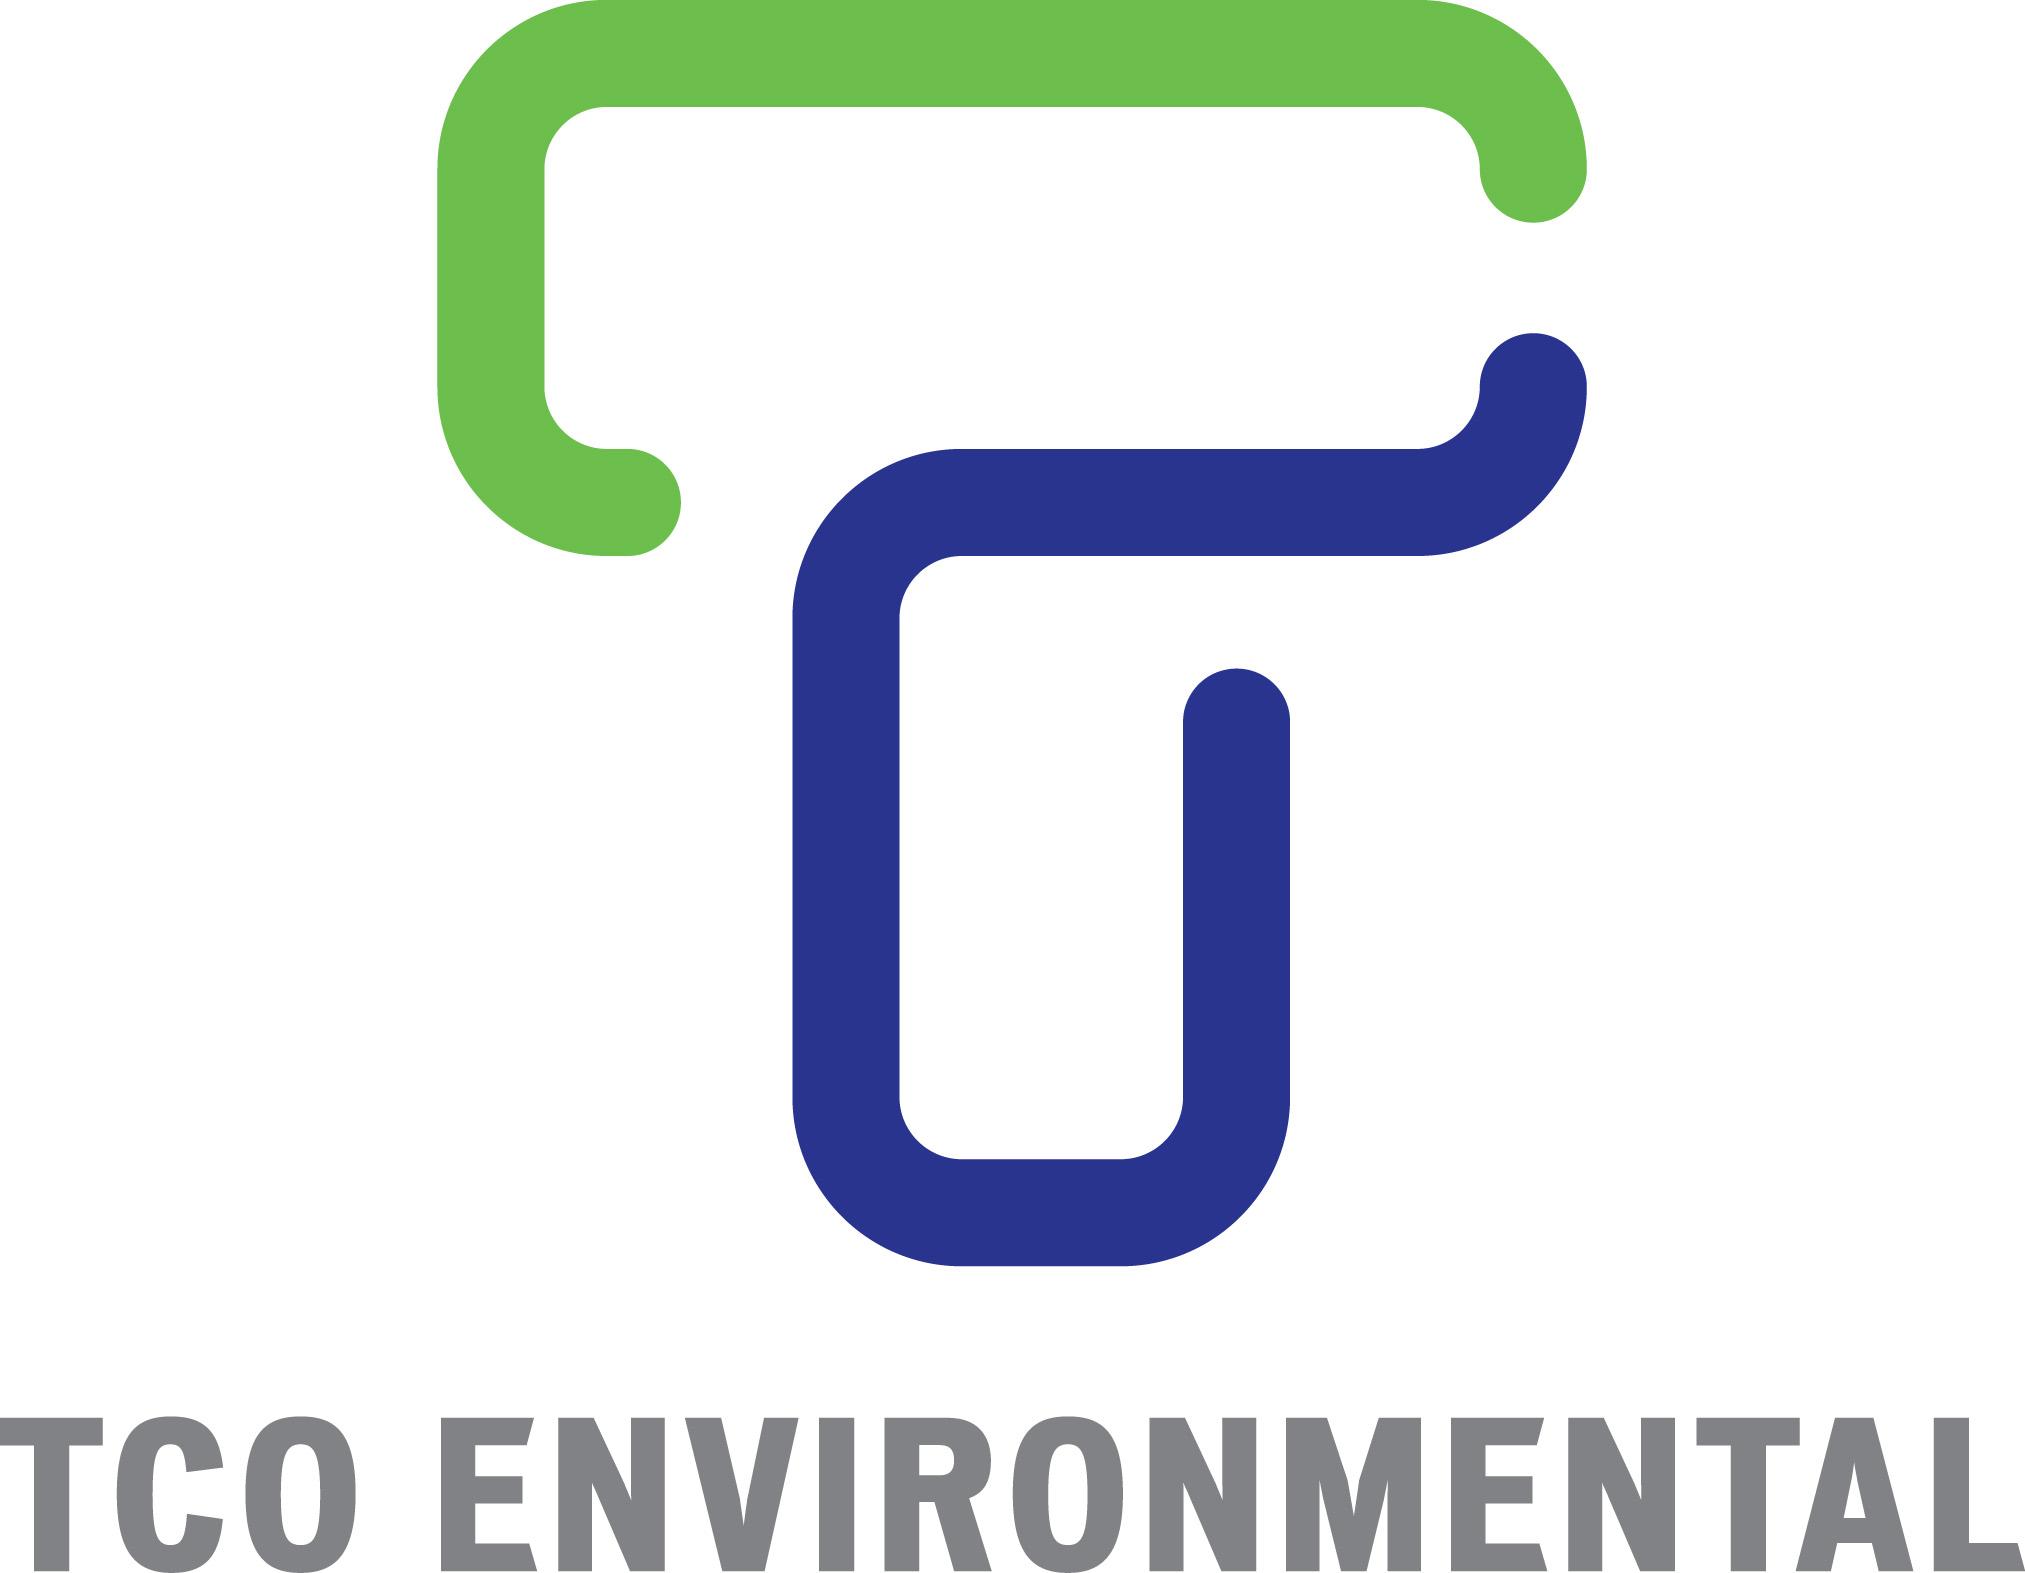 TCO Environmental